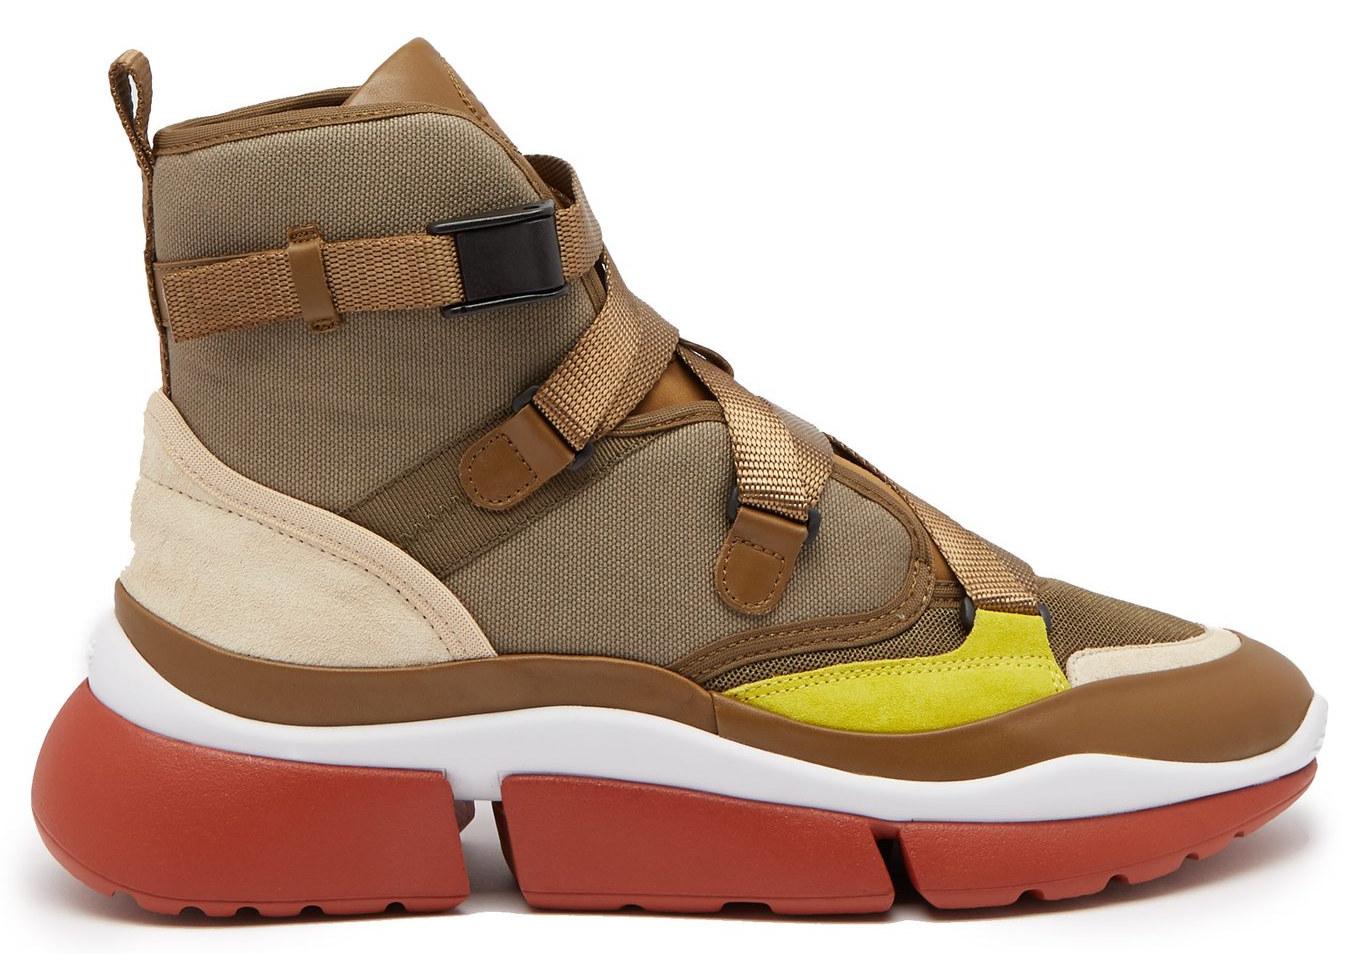 ▌折扣消息 ▌ Chloe Sonnie Sneakers + saks滿額折買Loewe Gate包 + CDGPlay x Converse + Monica Vinader戒指限時折扣 +Forzieri VIPsale